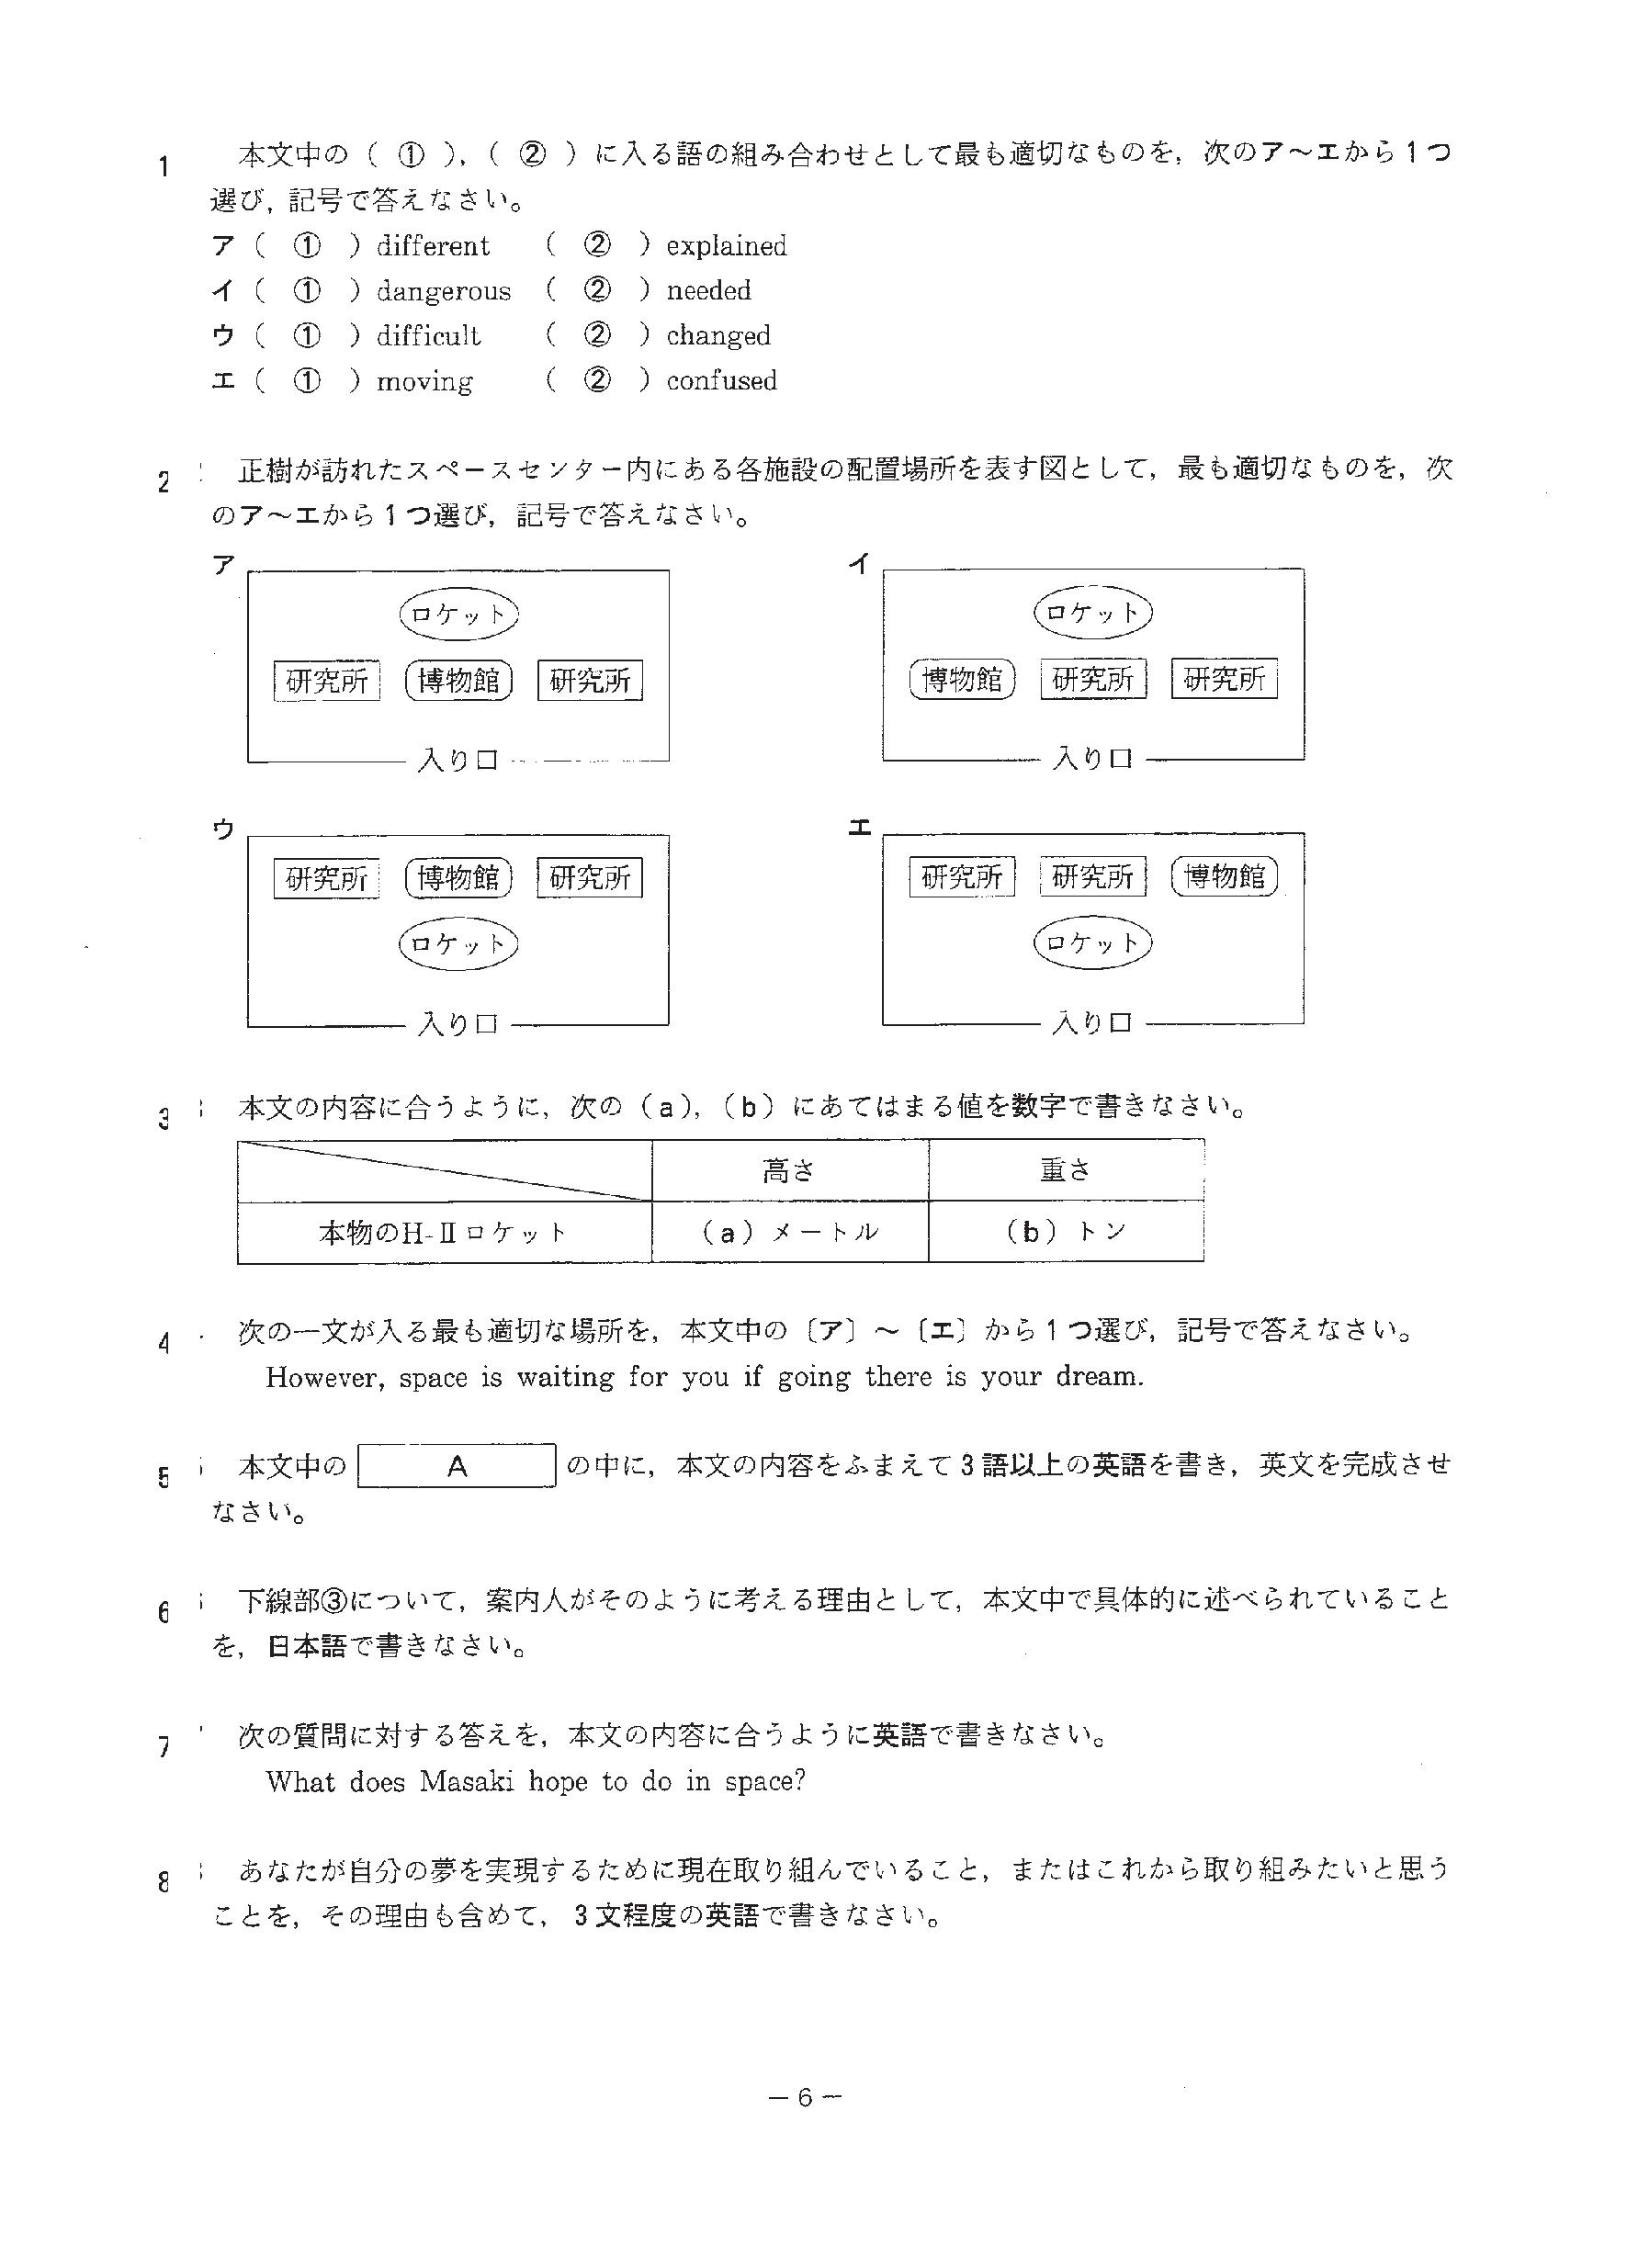 1202-p04-e6